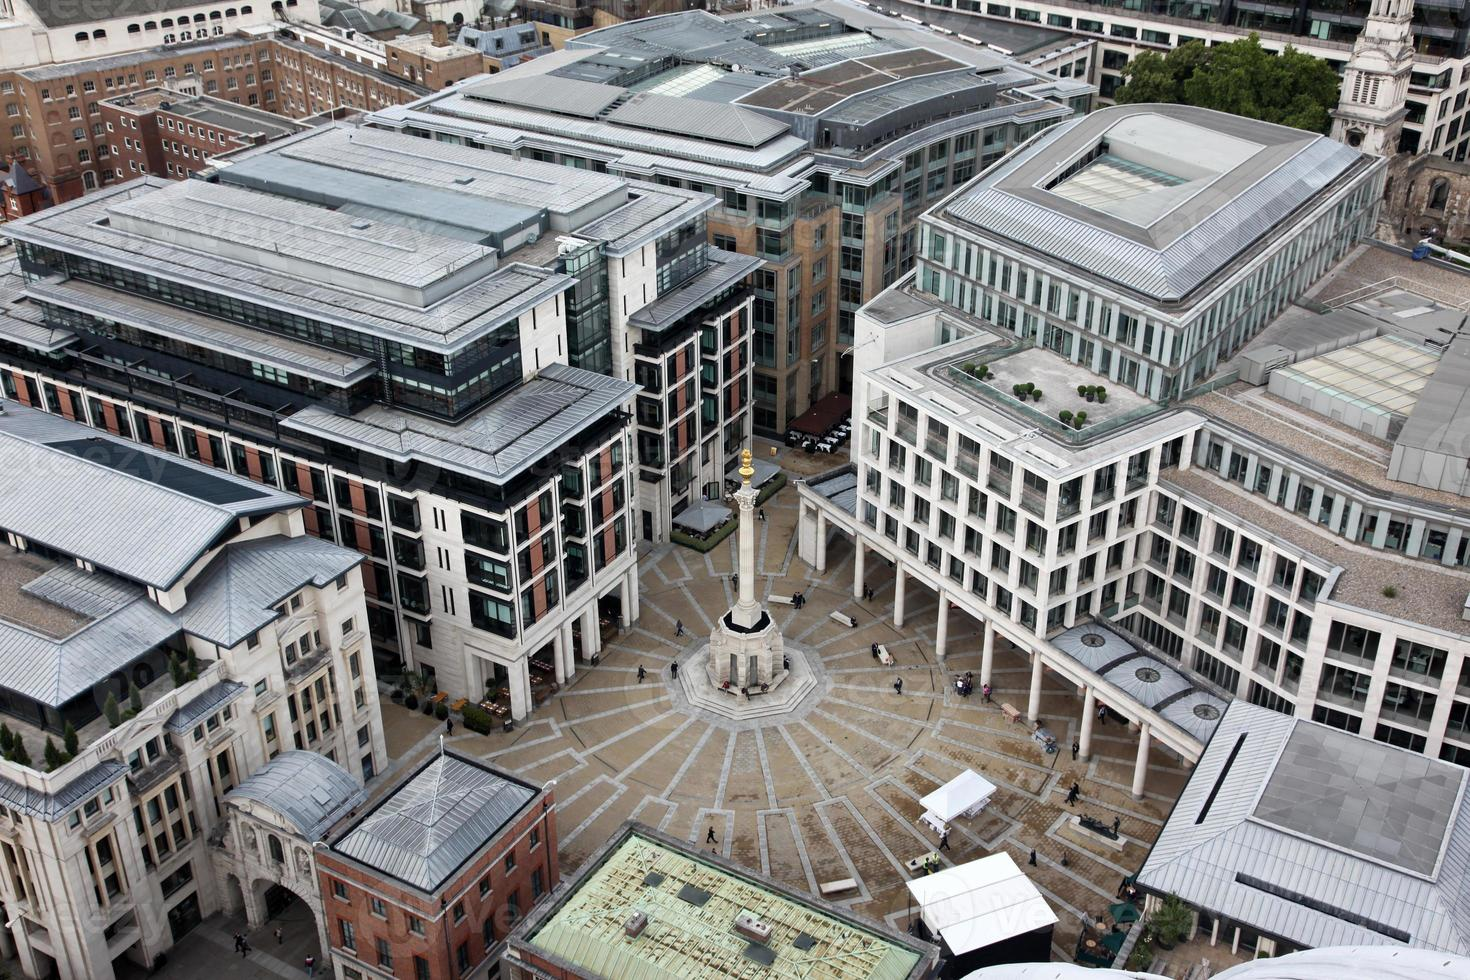 London von St. Pauls Kathedrale, Großbritannien. foto